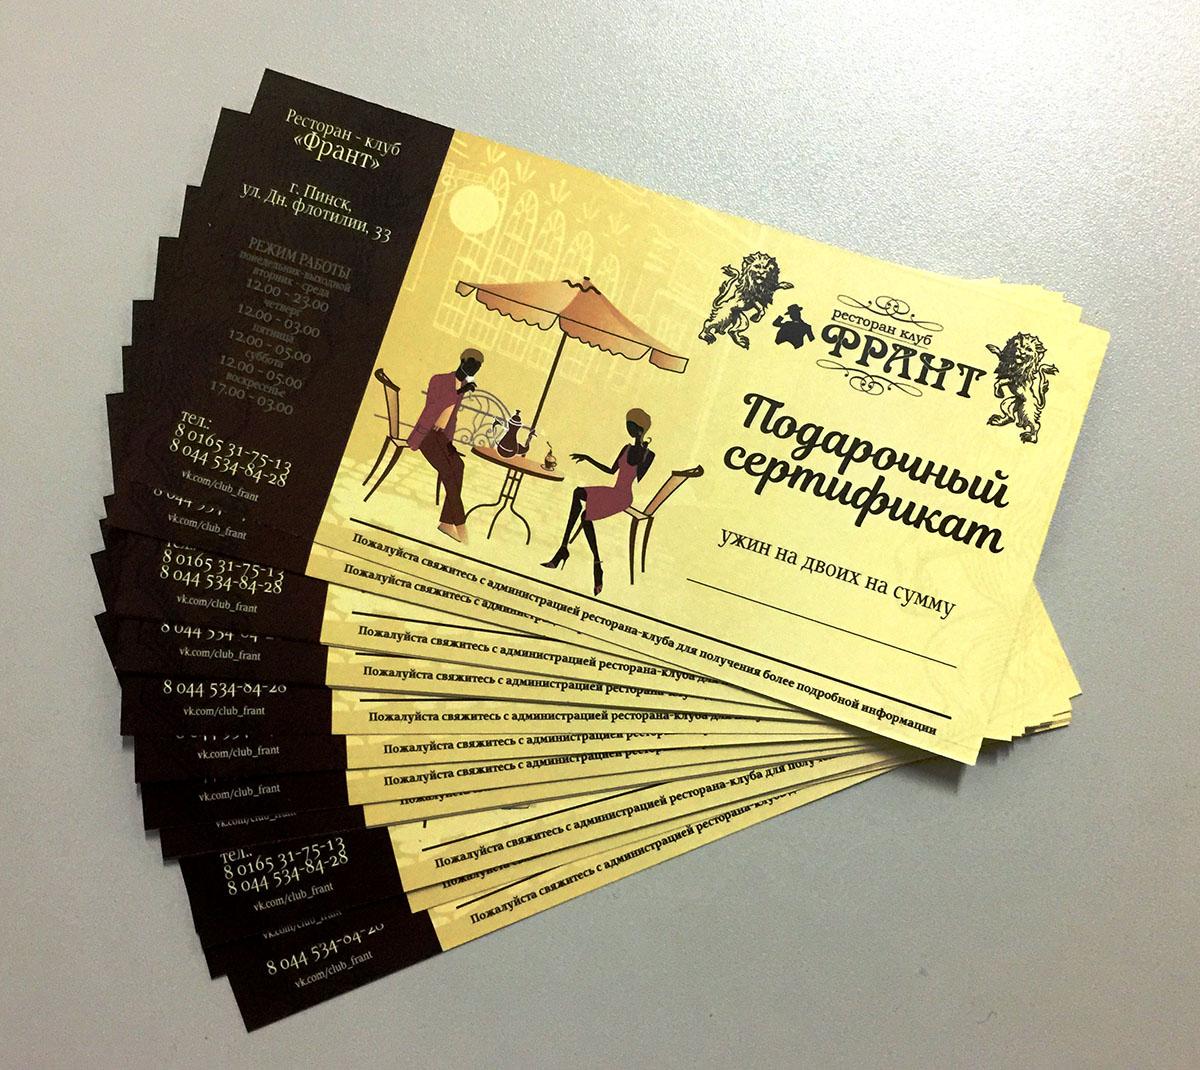 Печать визиток в городе Пинск. Реклама